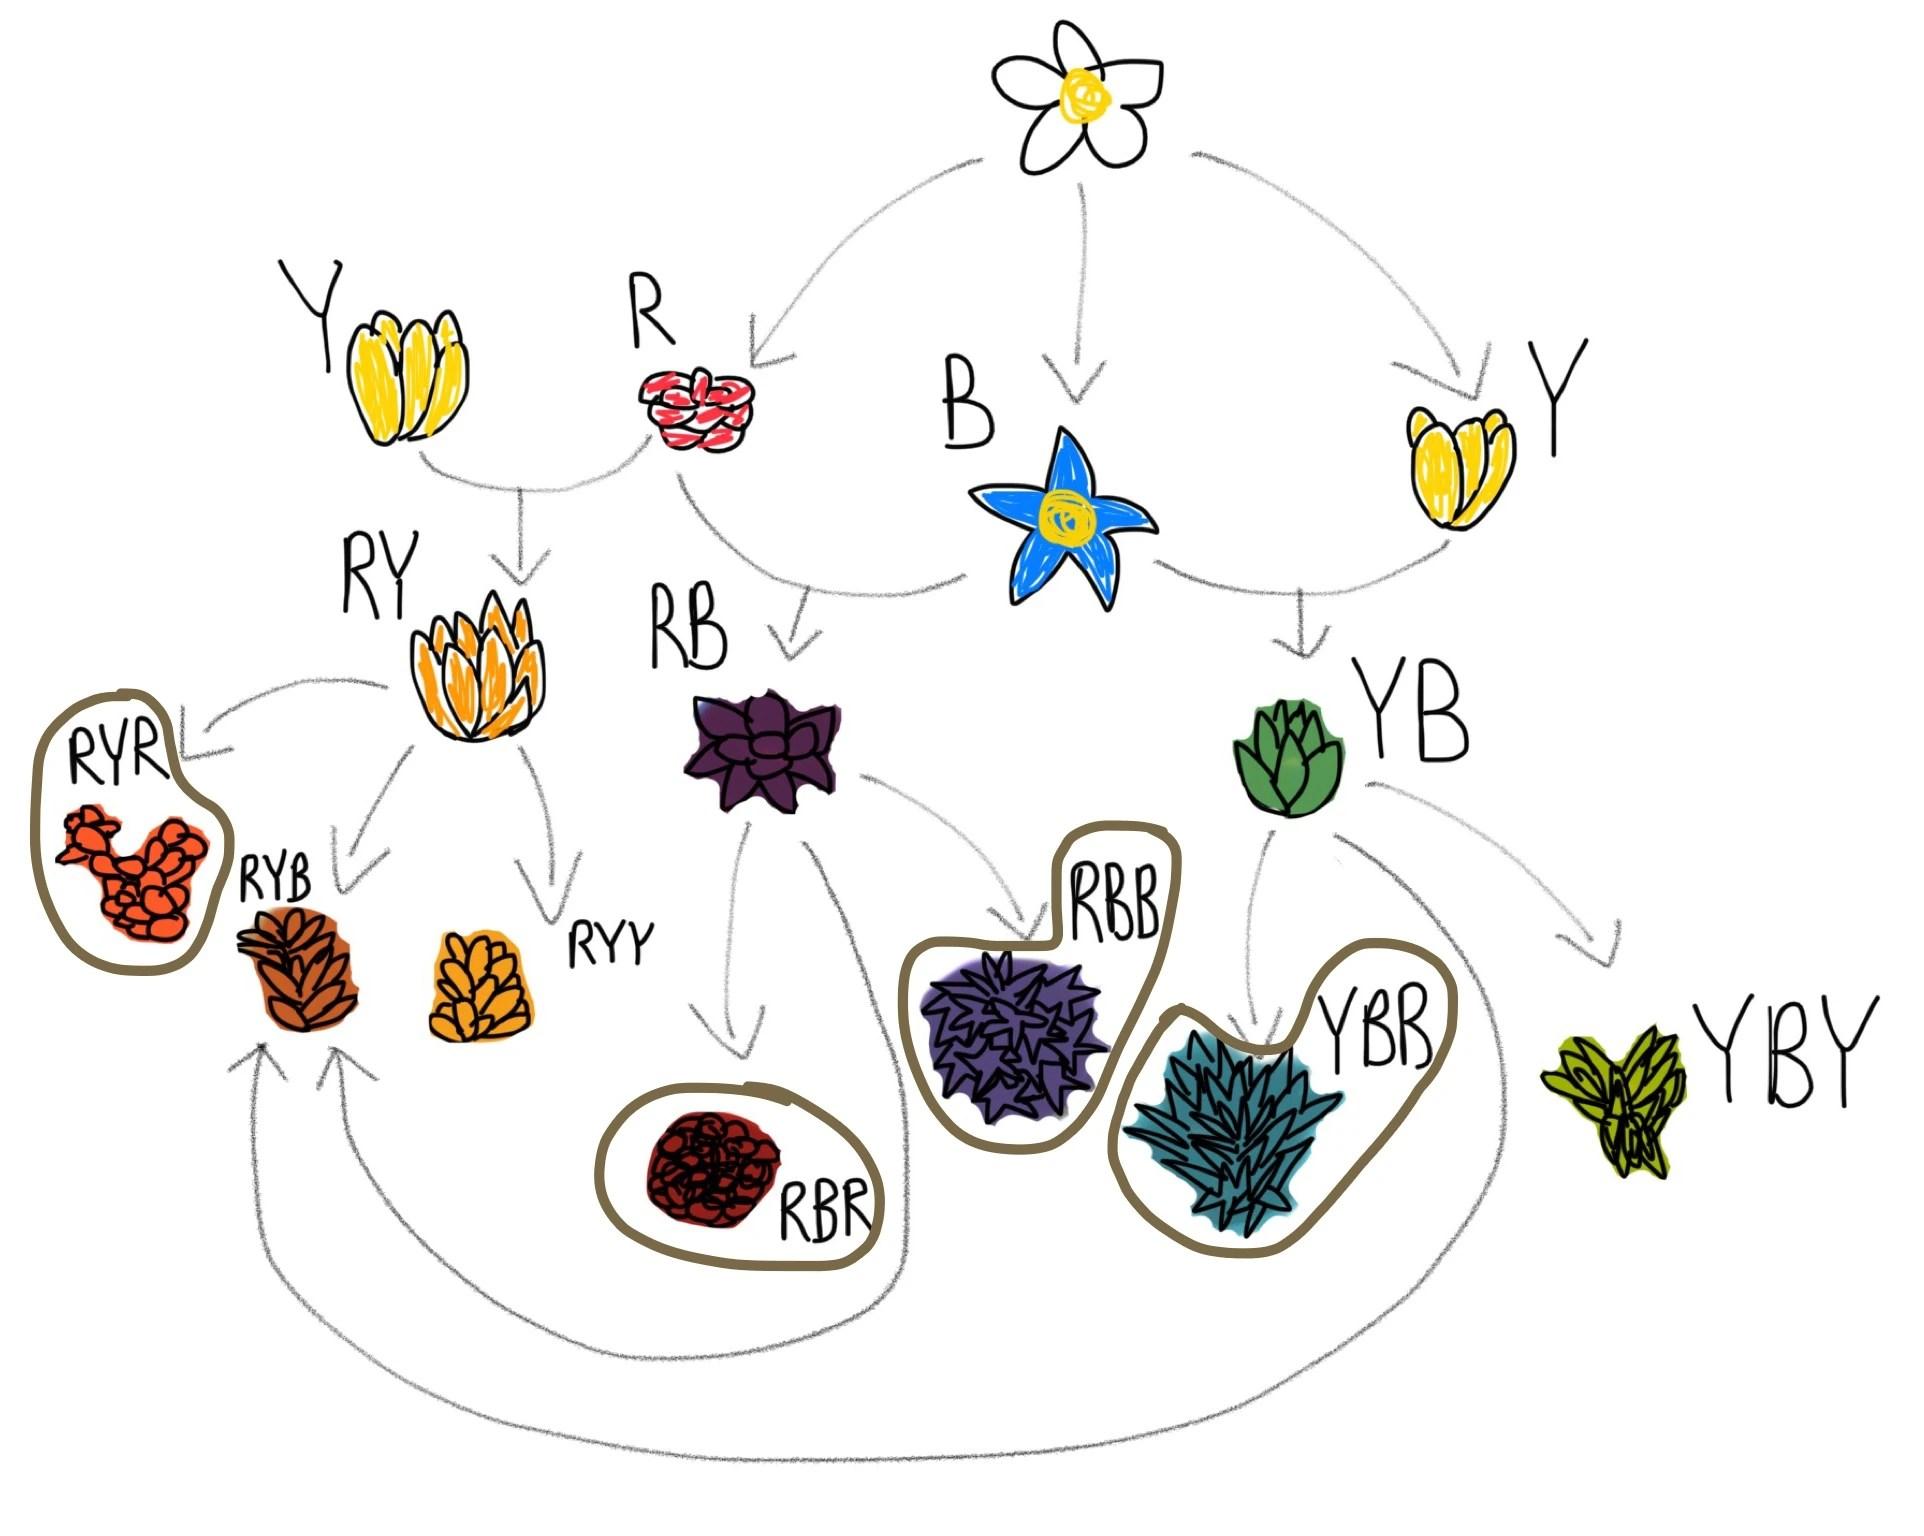 flowerdiagram [ 1924 x 1536 Pixel ]